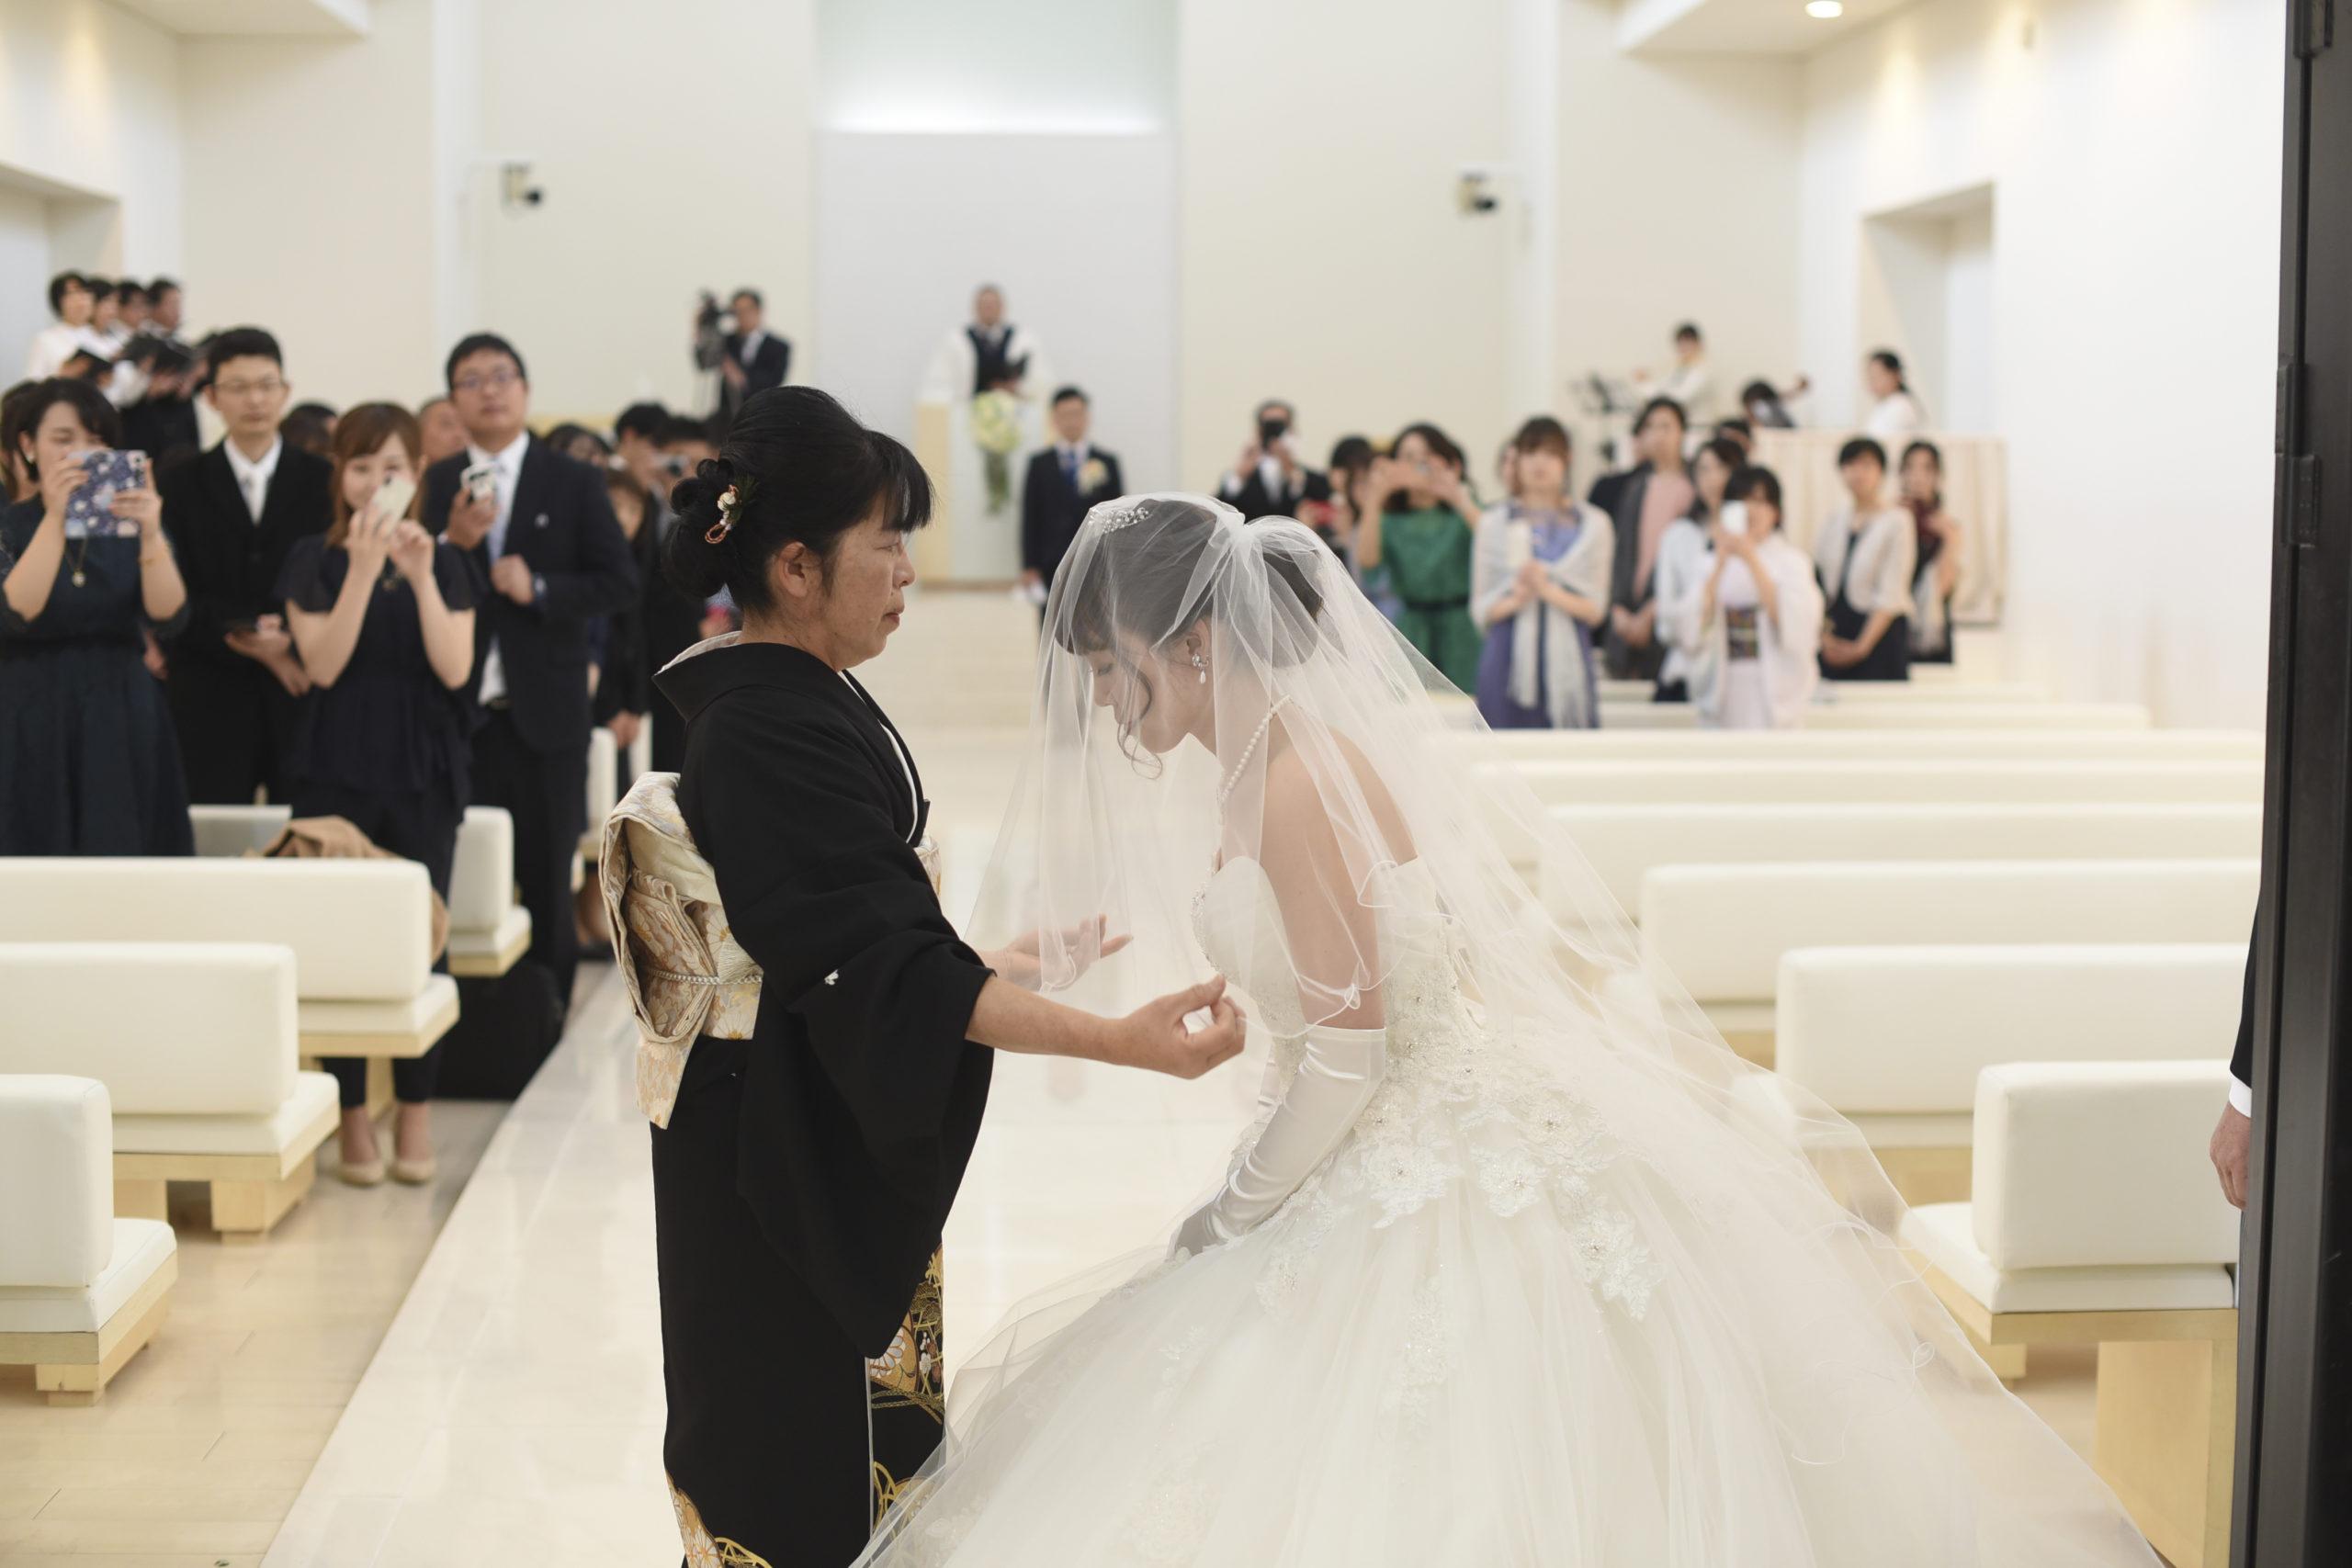 徳島市の結婚式場ブランアンジュでお母様にベールダウンされる新婦様